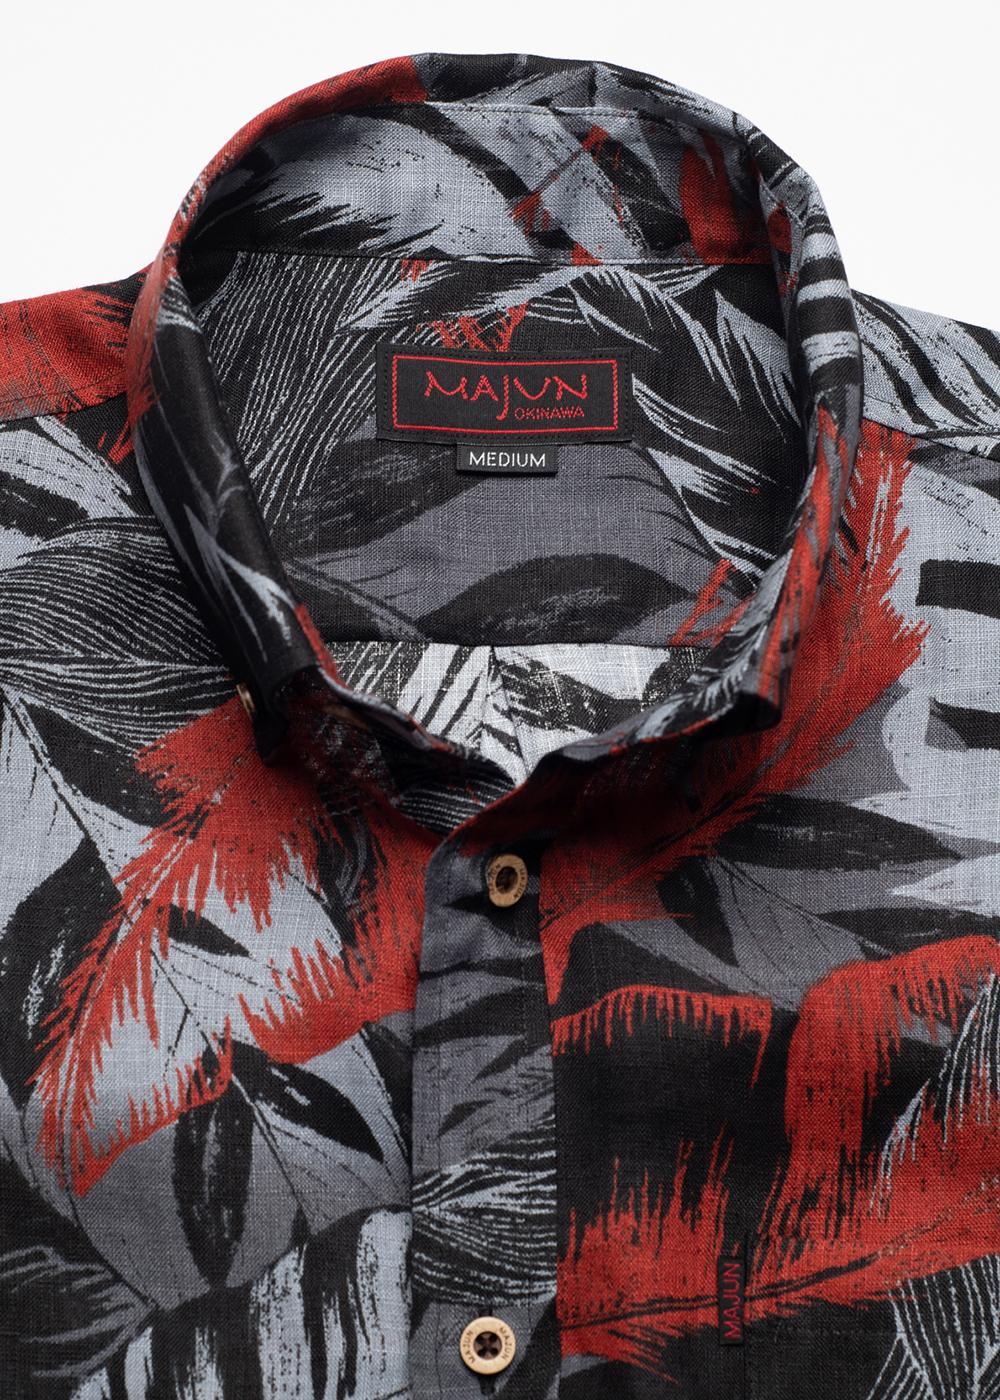 かりゆしウェア(沖縄版アロハシャツ) MAJUN - コレクトリーフ